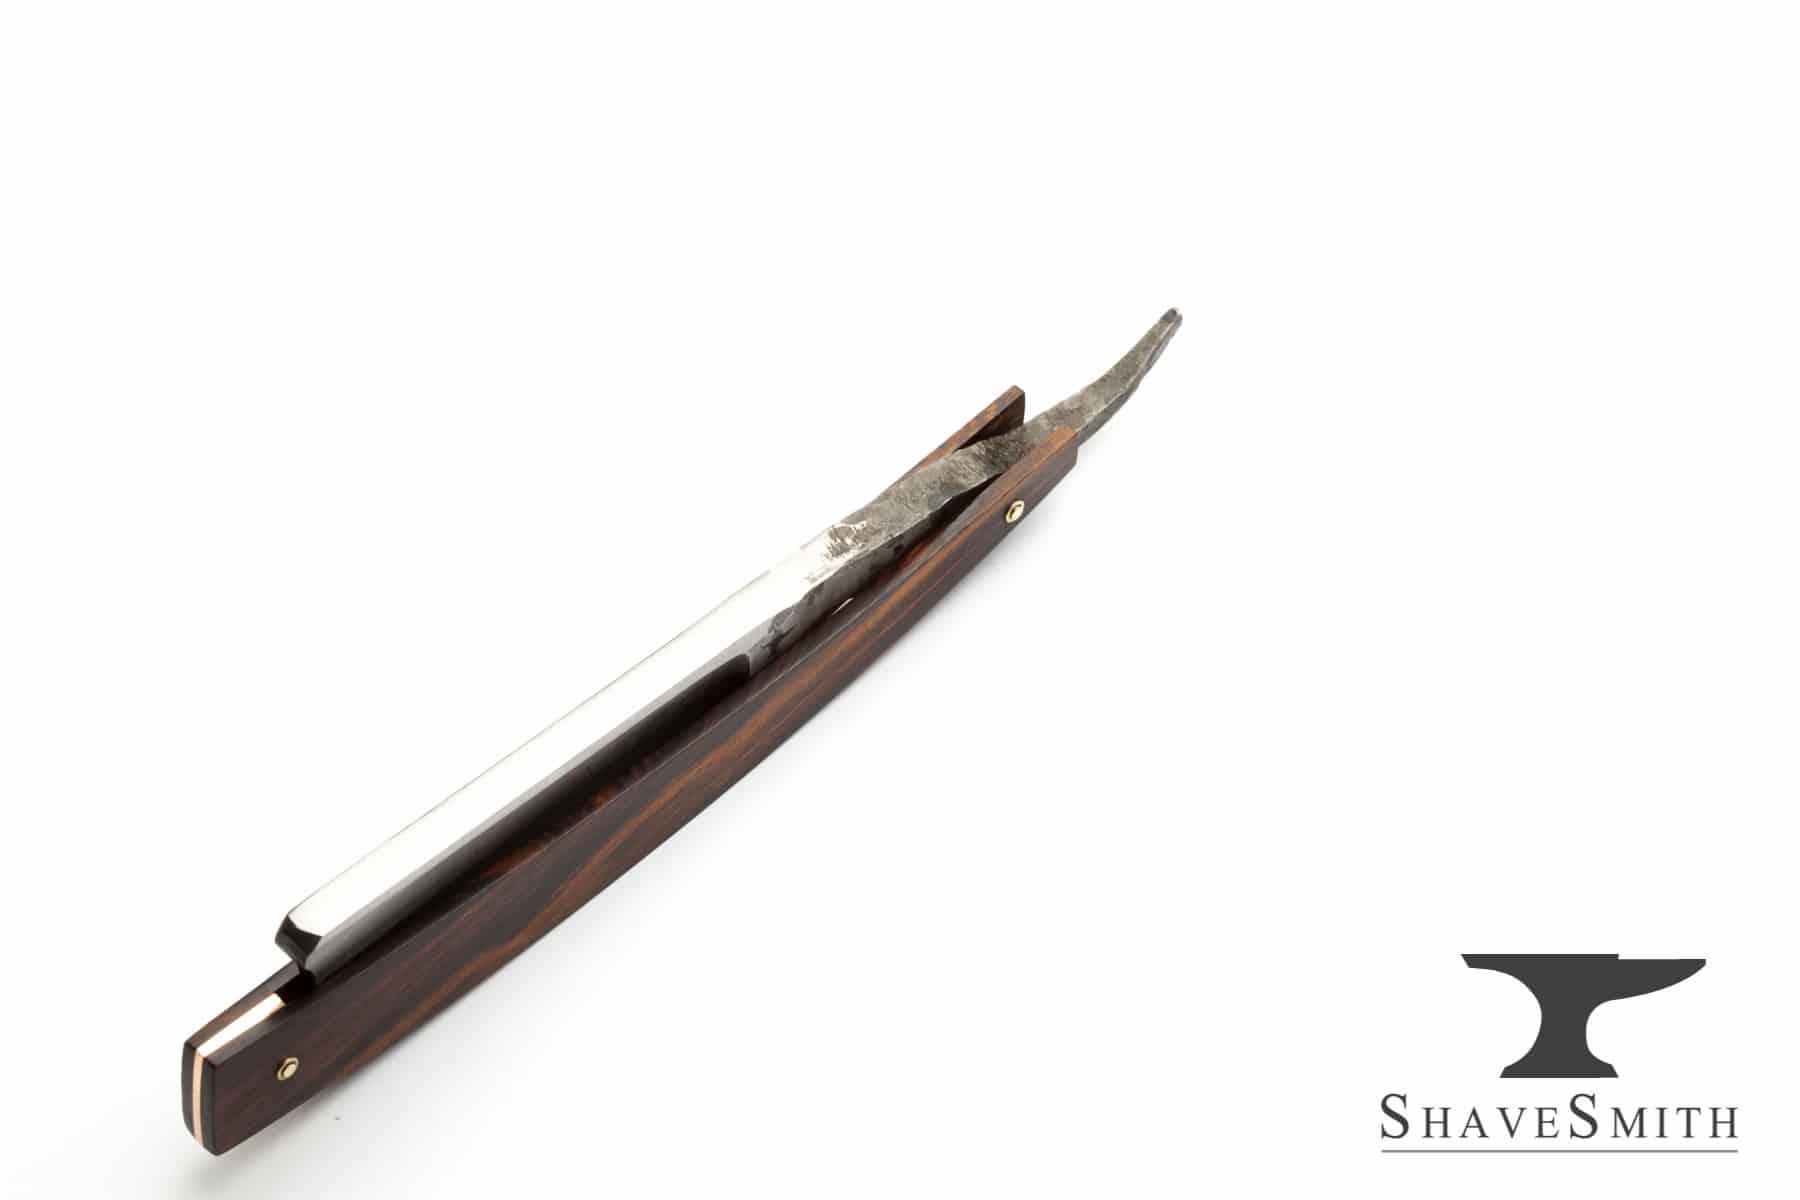 7/8 Wedge Grind, Iron Wood, Forge Finished – Custom Straight Razor